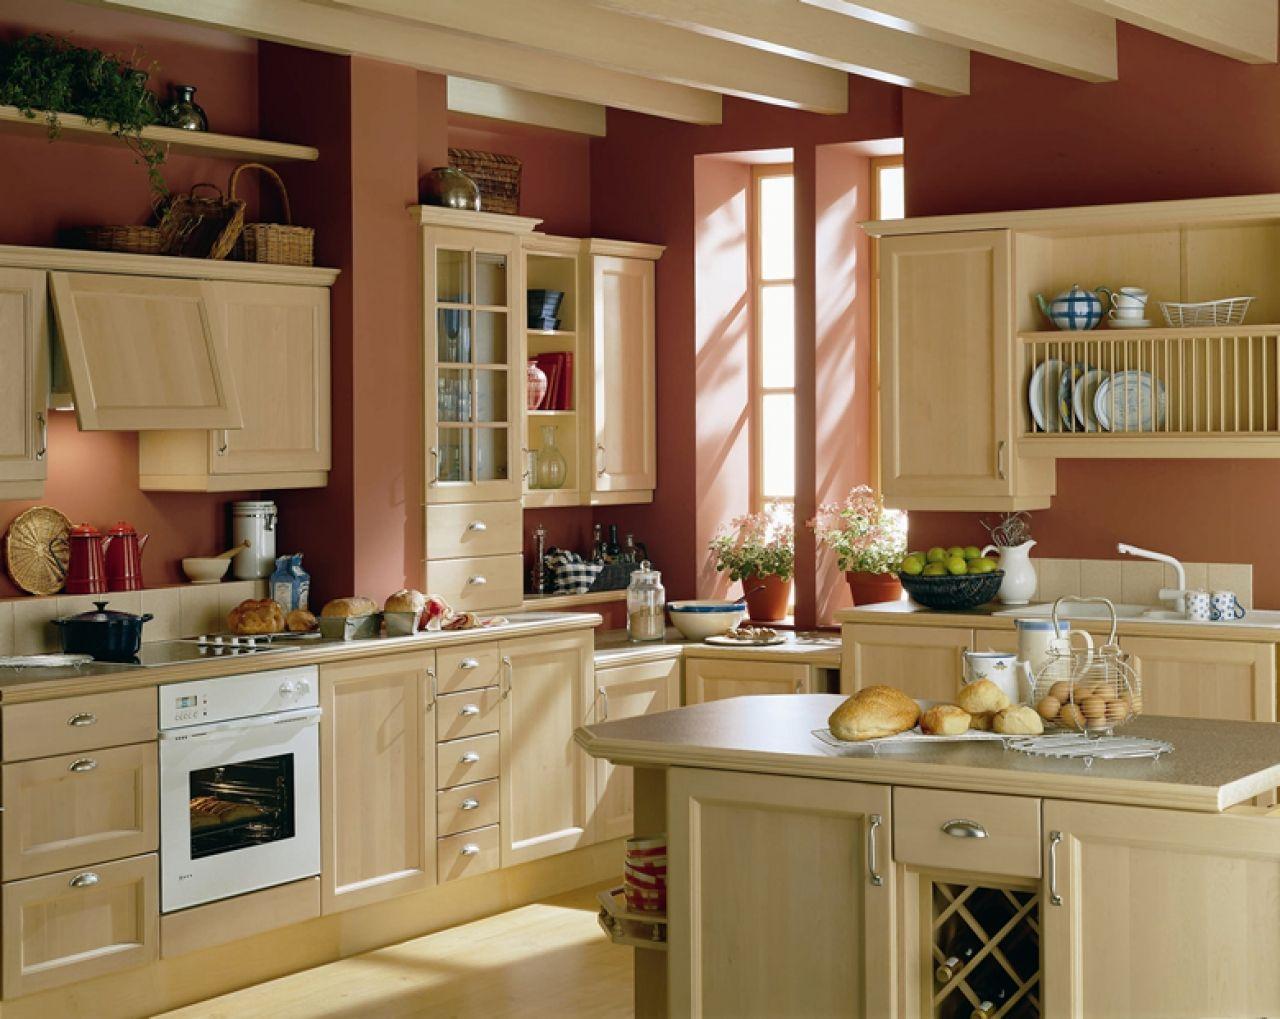 Küche Wallpaper Designs | Küche | Pinterest | einfache Linien ...